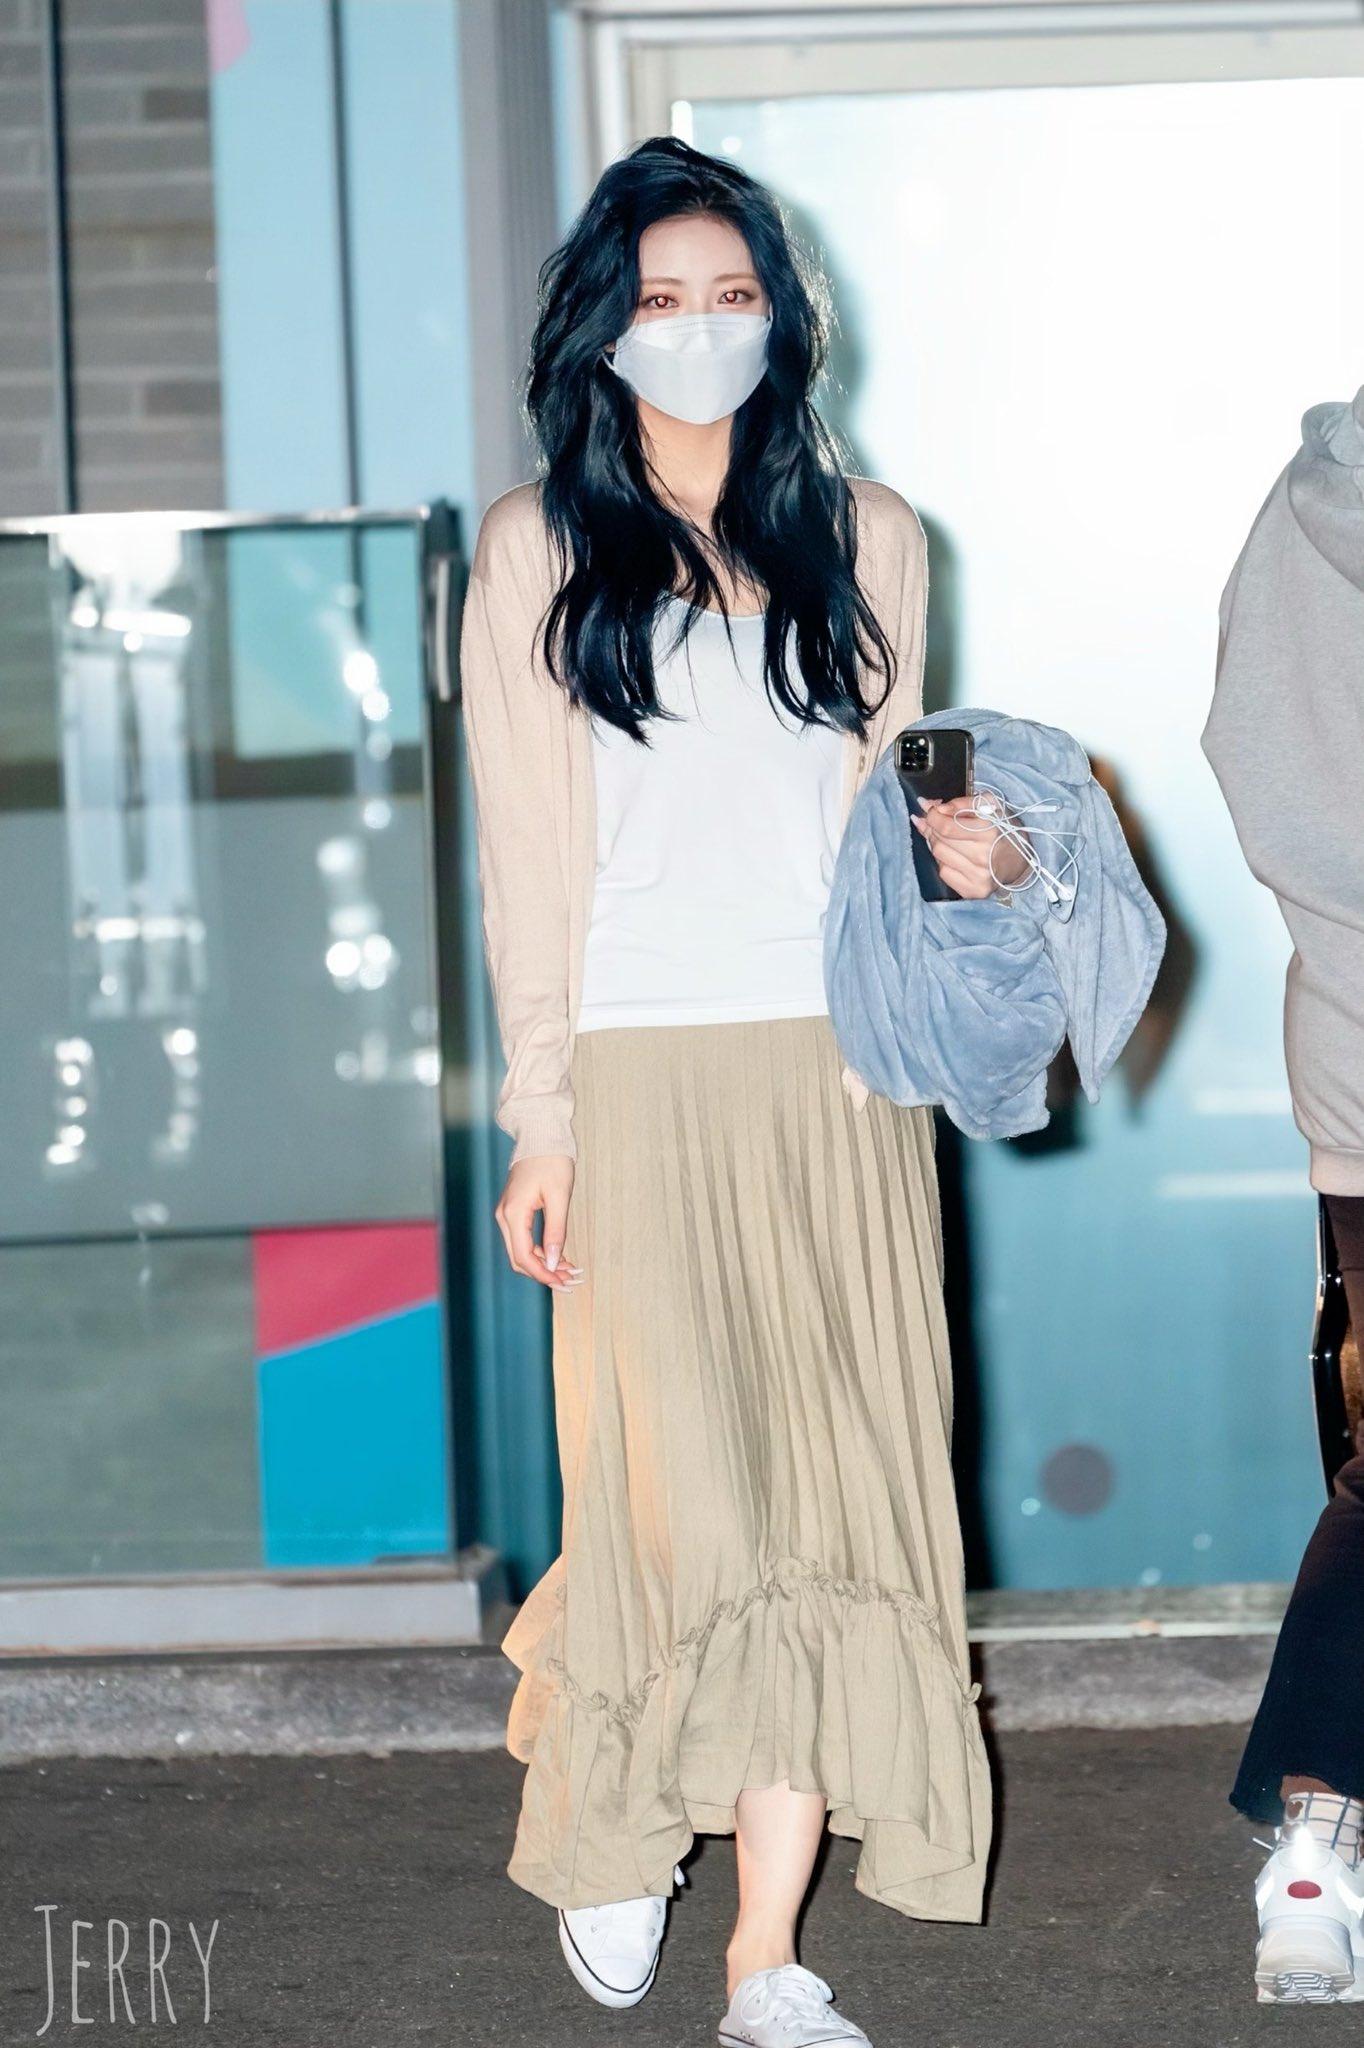 Ngay cả khi khẩu trang che kín mặt, Yuna vẫn tỏa sáng với mái tóc mới được ví như nàng công chúa tóc mây của Disney.